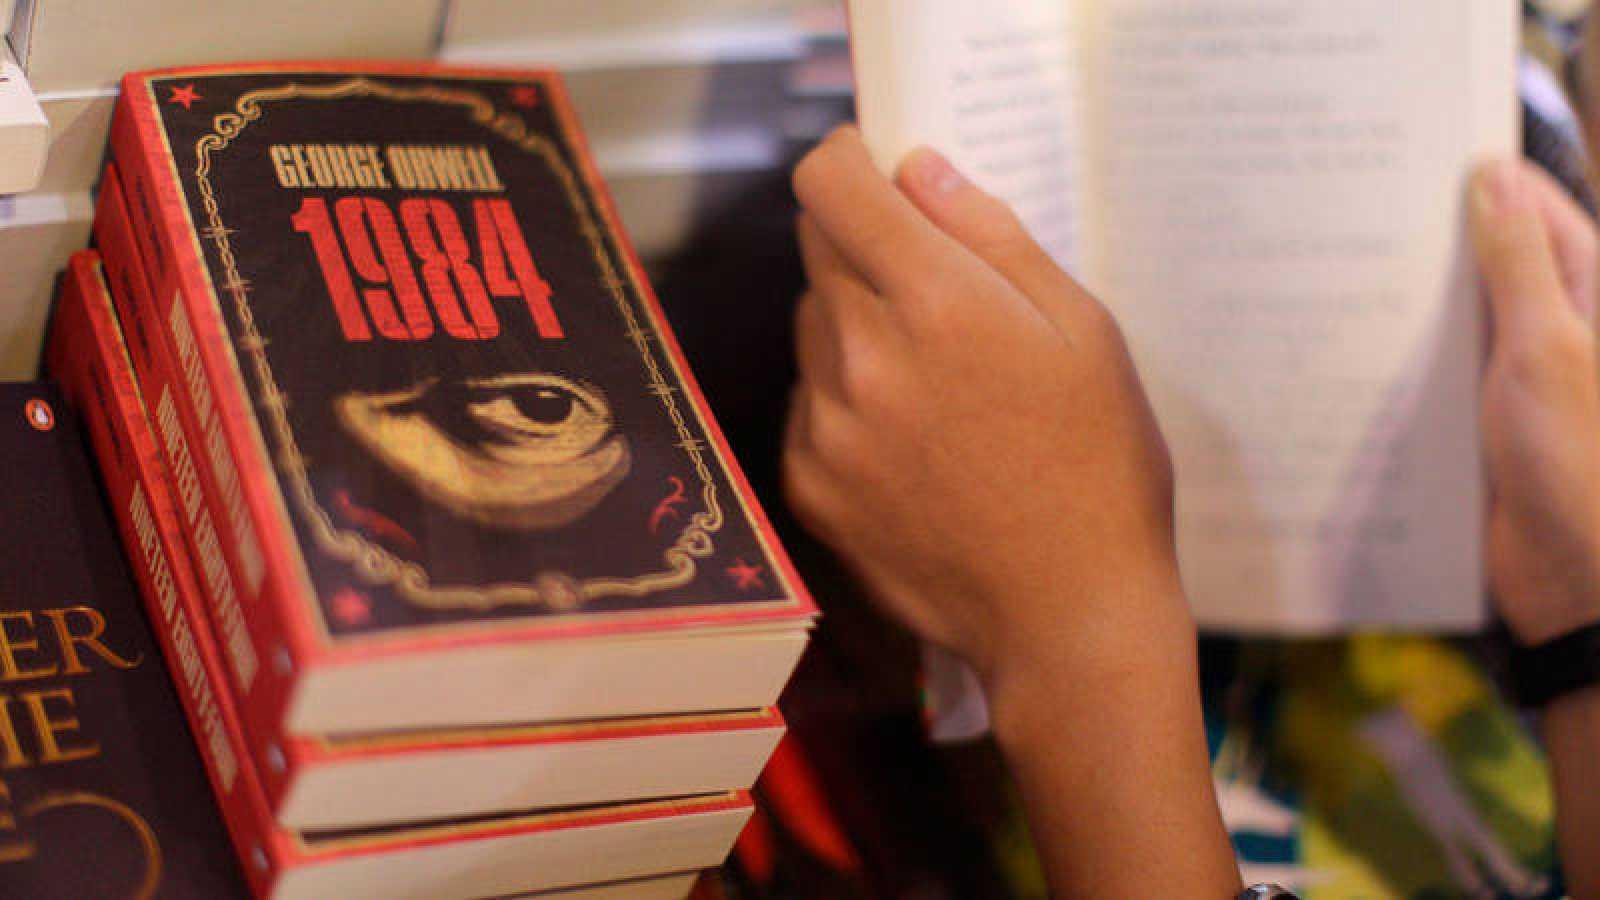 Varias copias de la novela '1984', de George Orwell